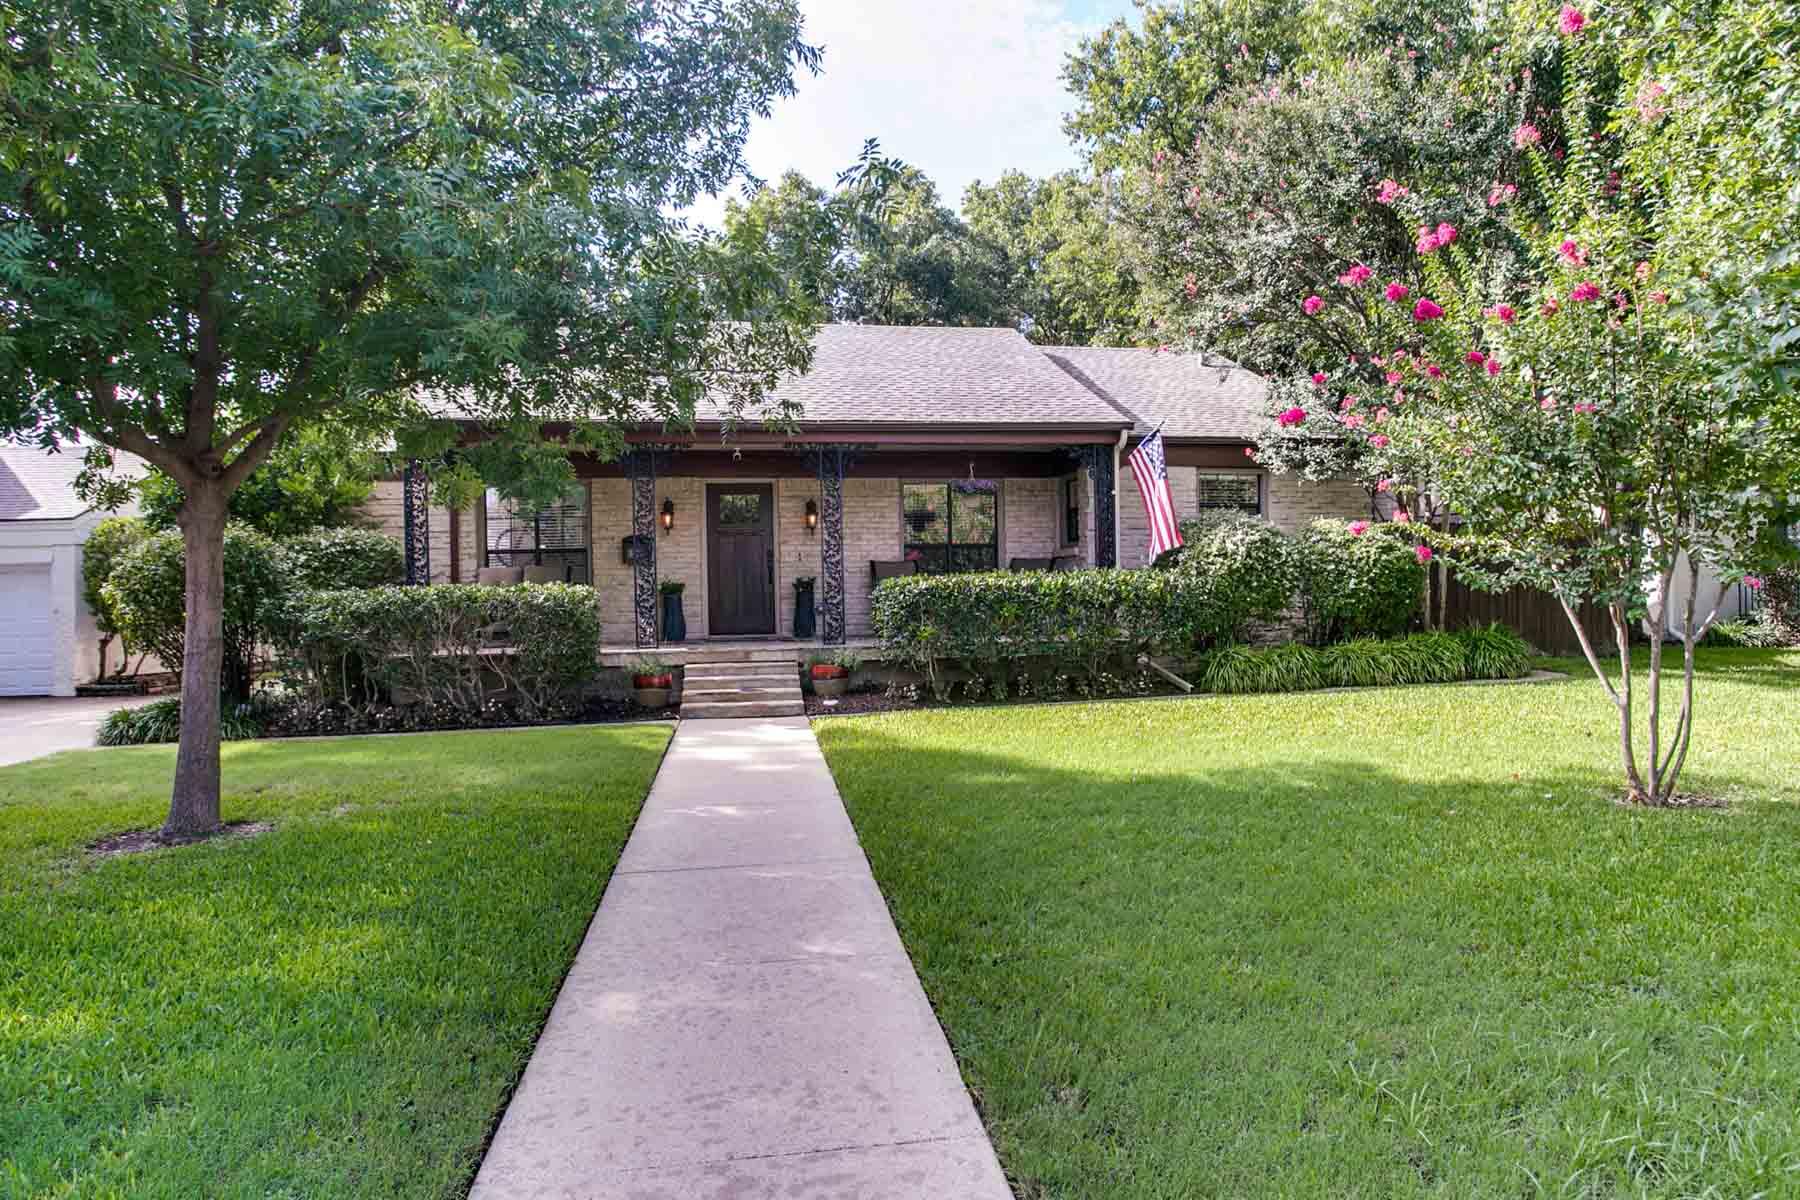 一戸建て のために 売買 アット Completely Remodeled Home 6109 Kenwick Ave. Fort Worth, テキサス, 76116 アメリカ合衆国